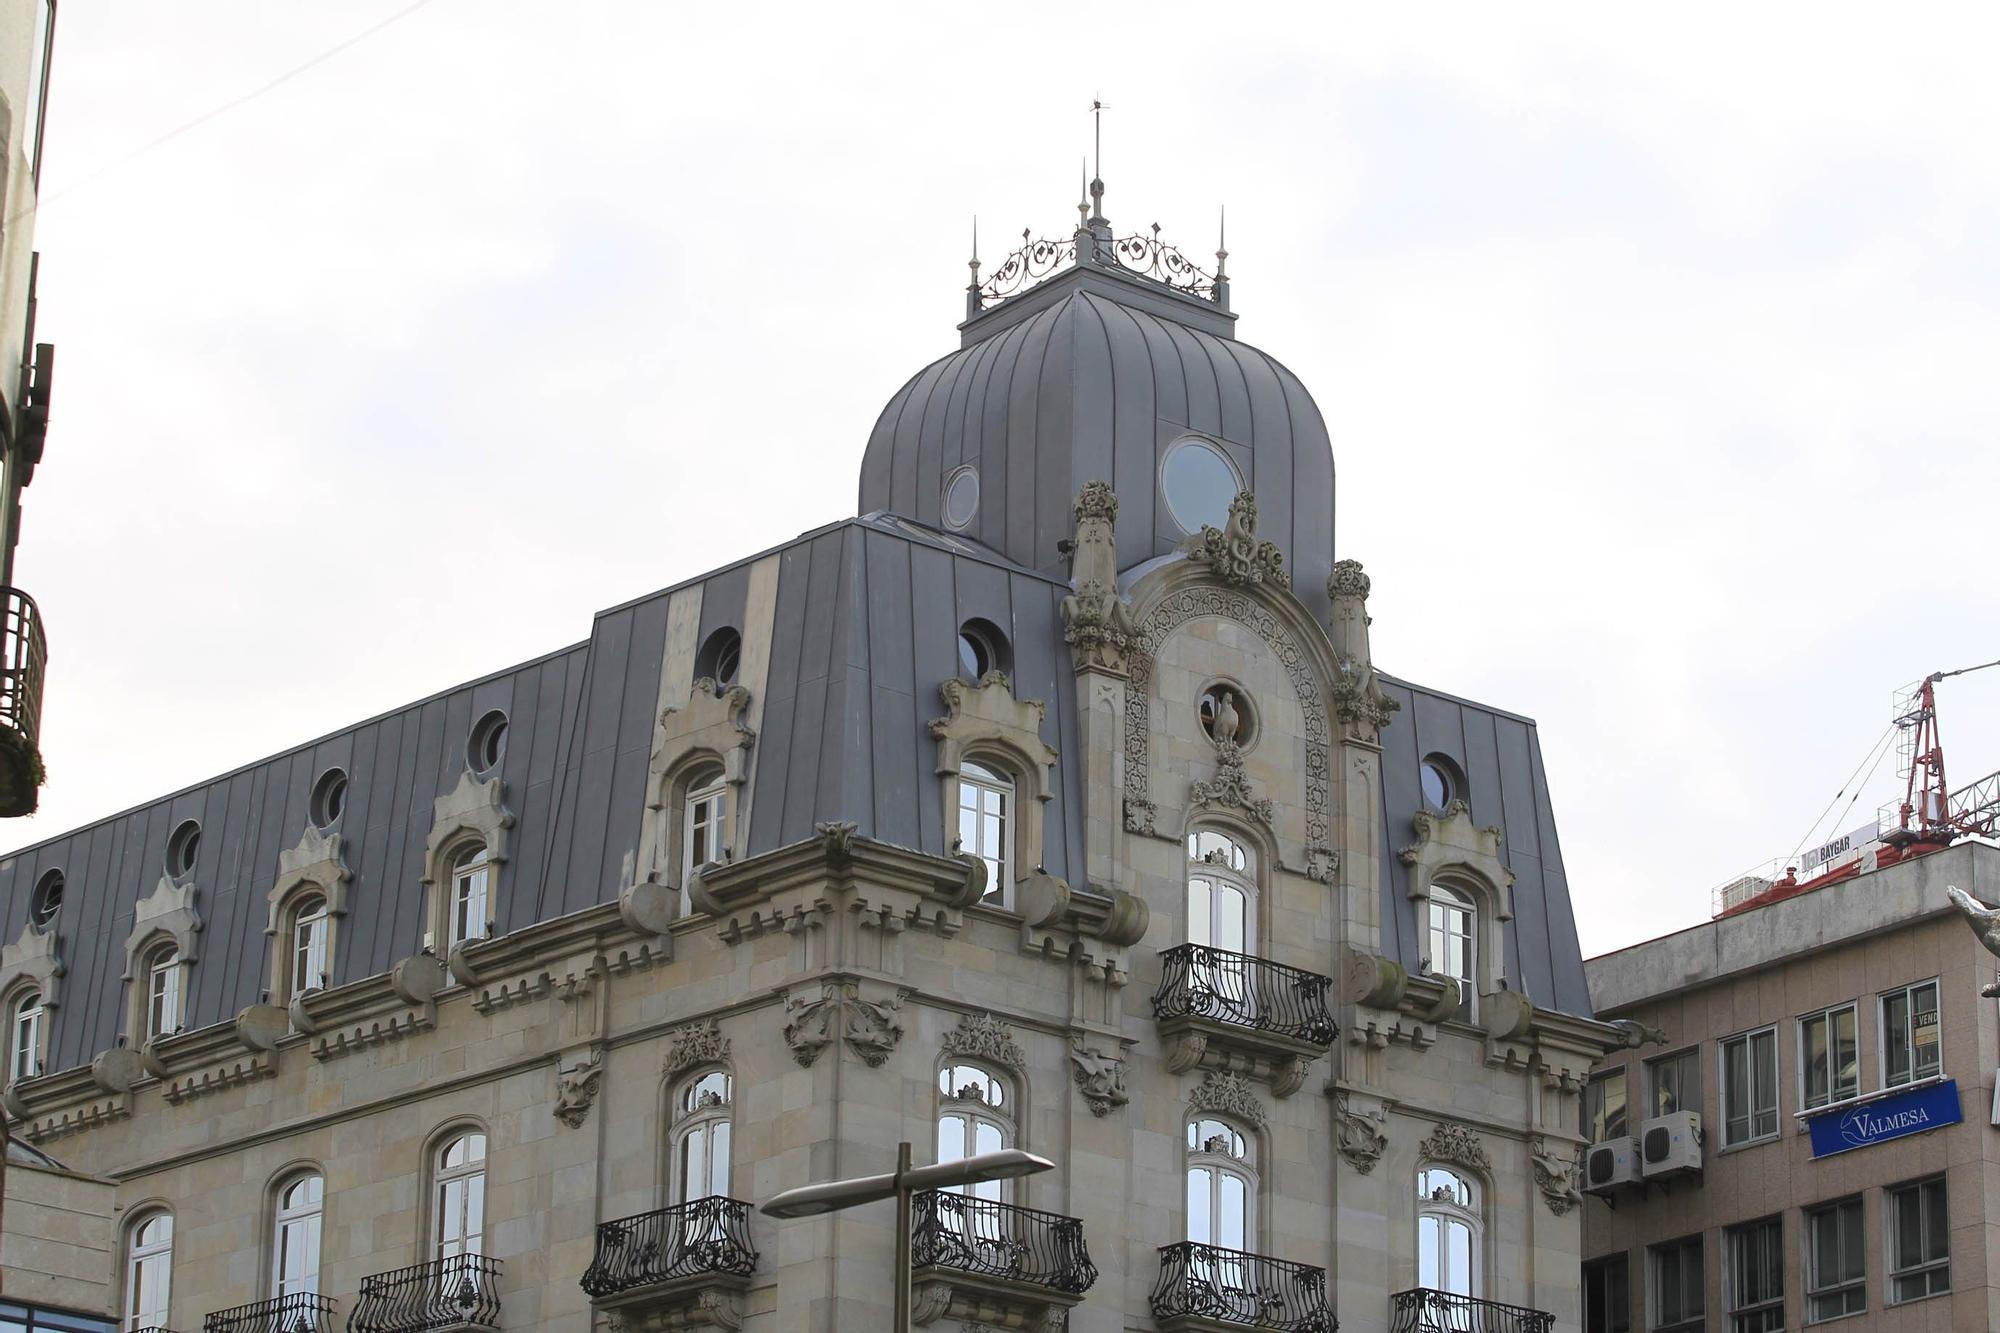 8.edificio simeon cupula ricardo grobas.jpg